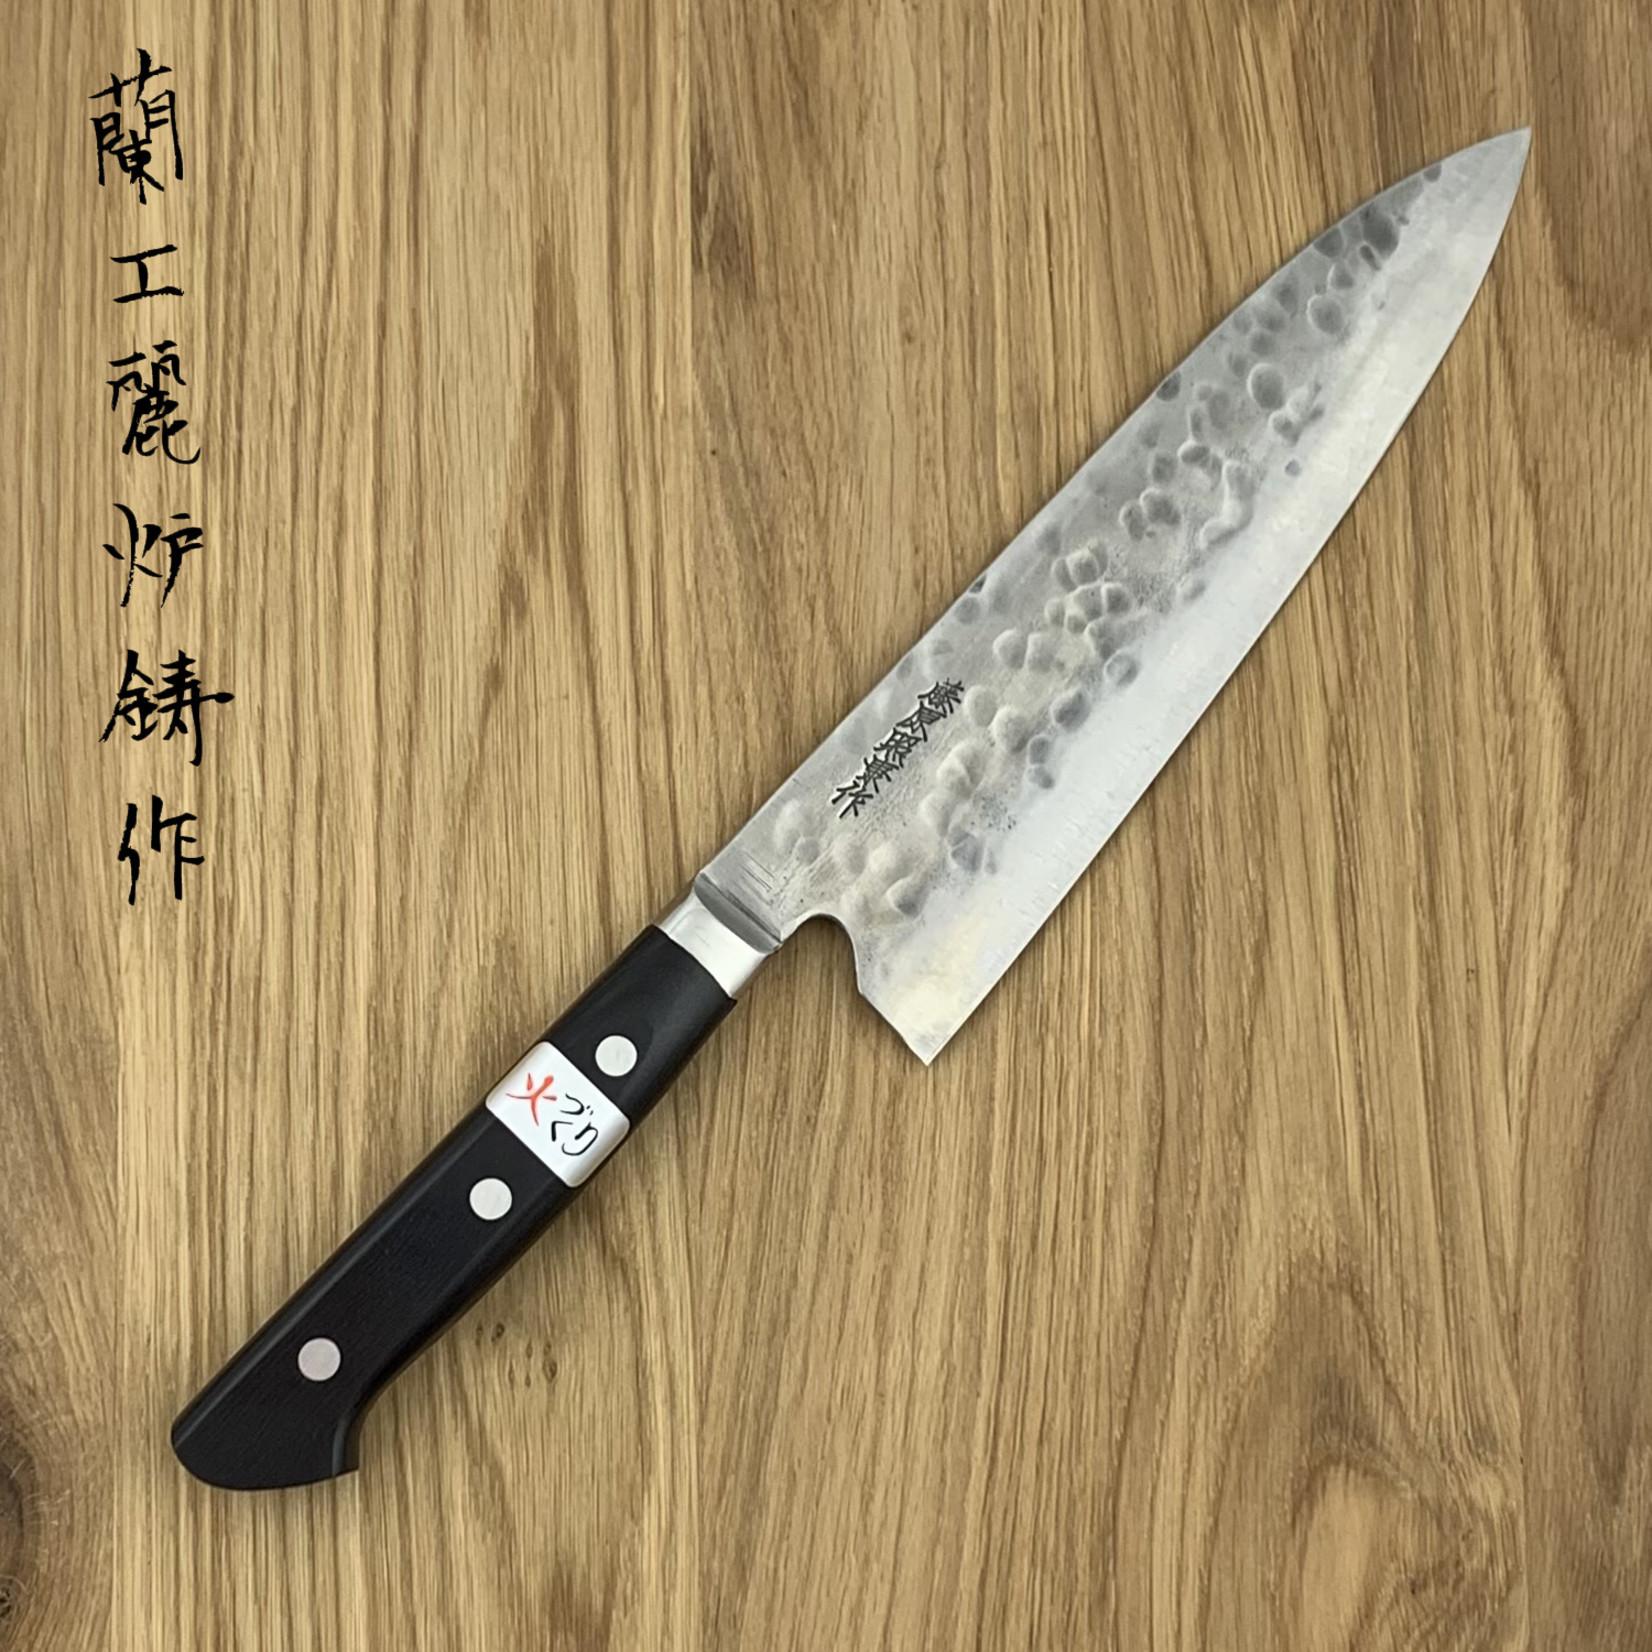 FUJIWARA TERUYASU Maboroshi Gyuto 210 mm